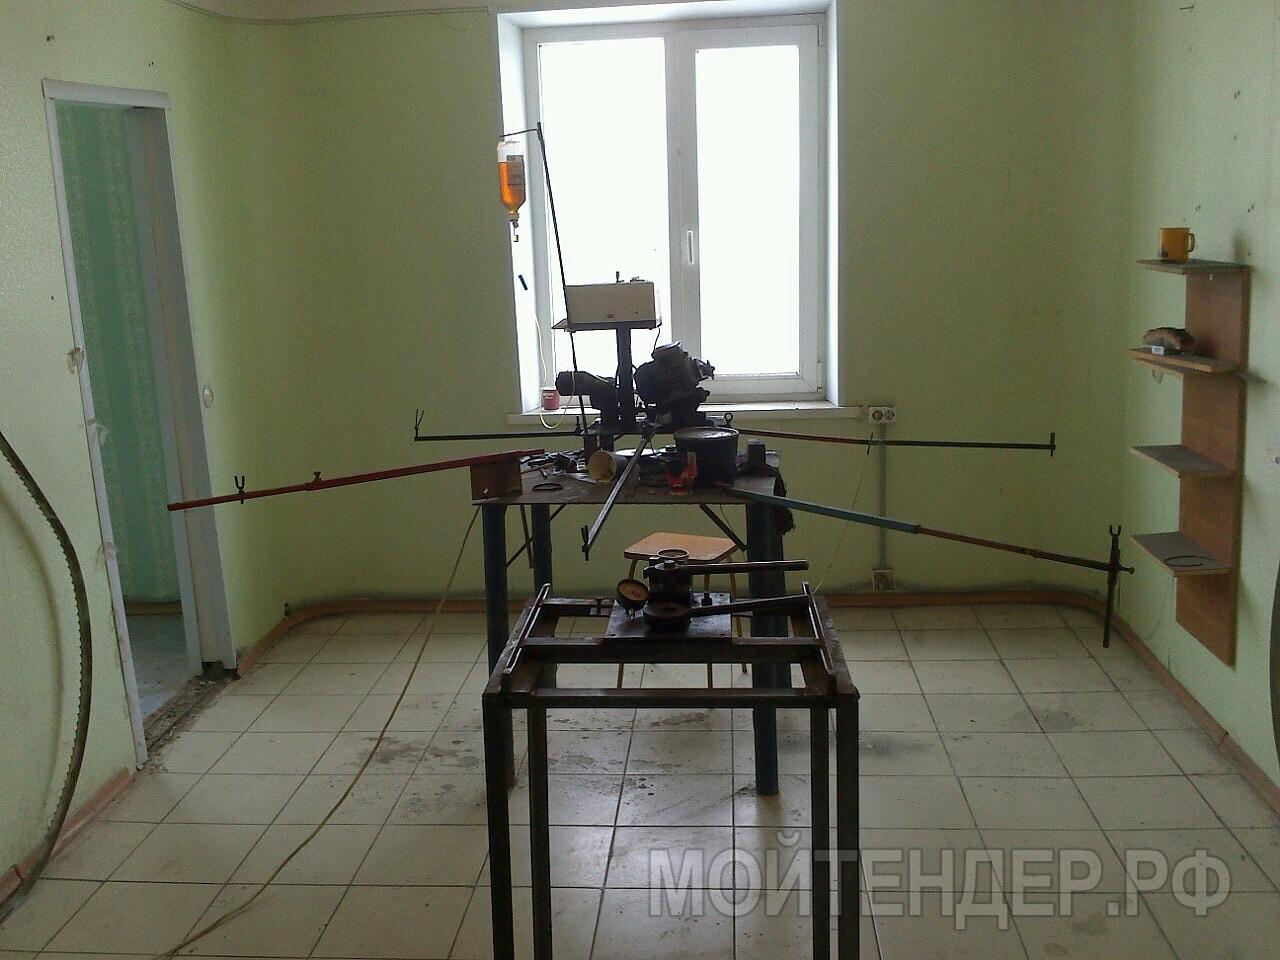 Мойтендер.рф-521-34-1731: Фото 8